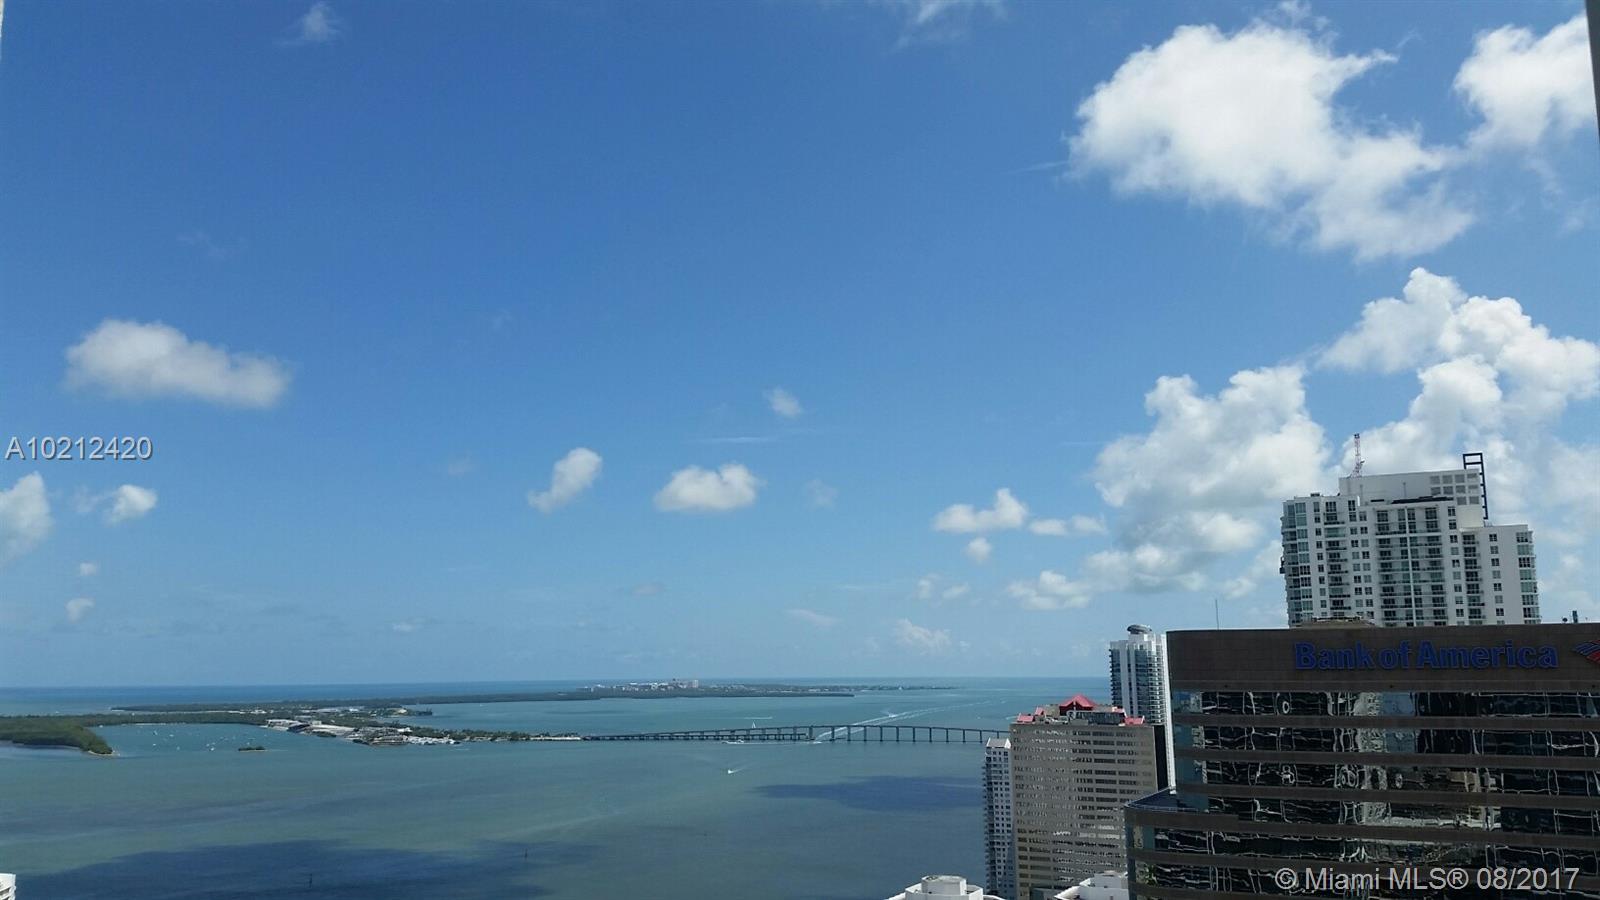 485 BRICKELL AV # 4210, Miami , FL 33131